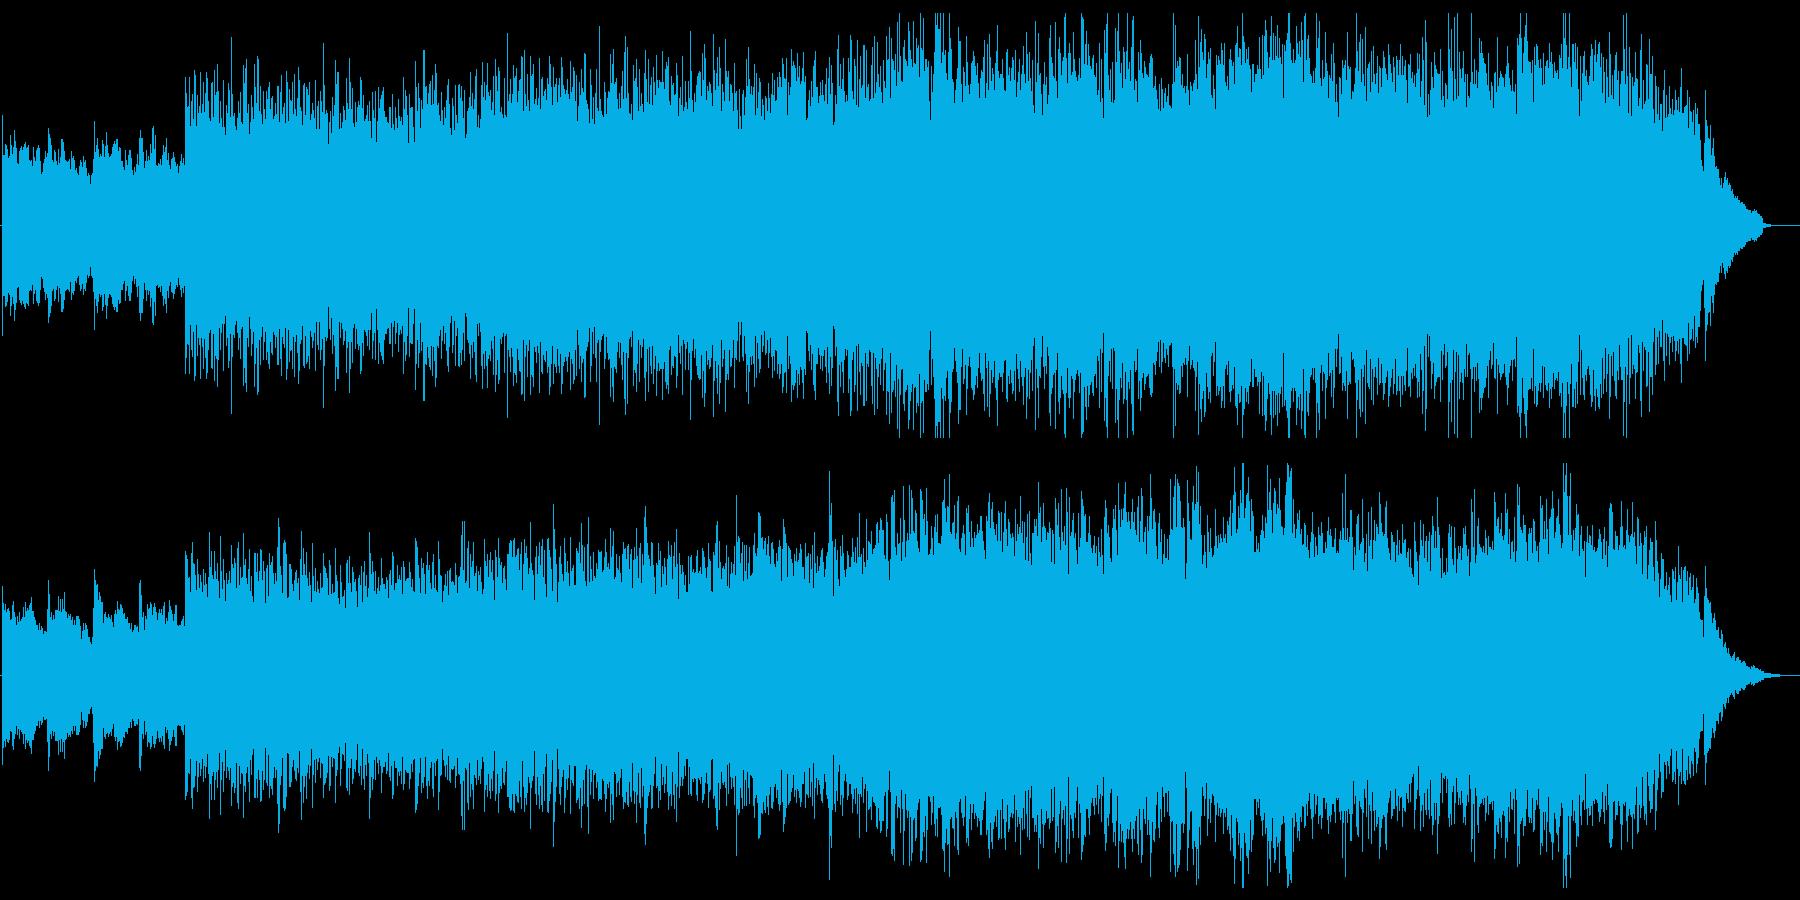 広がる感動・ピアノ&ストリングス・空撮の再生済みの波形